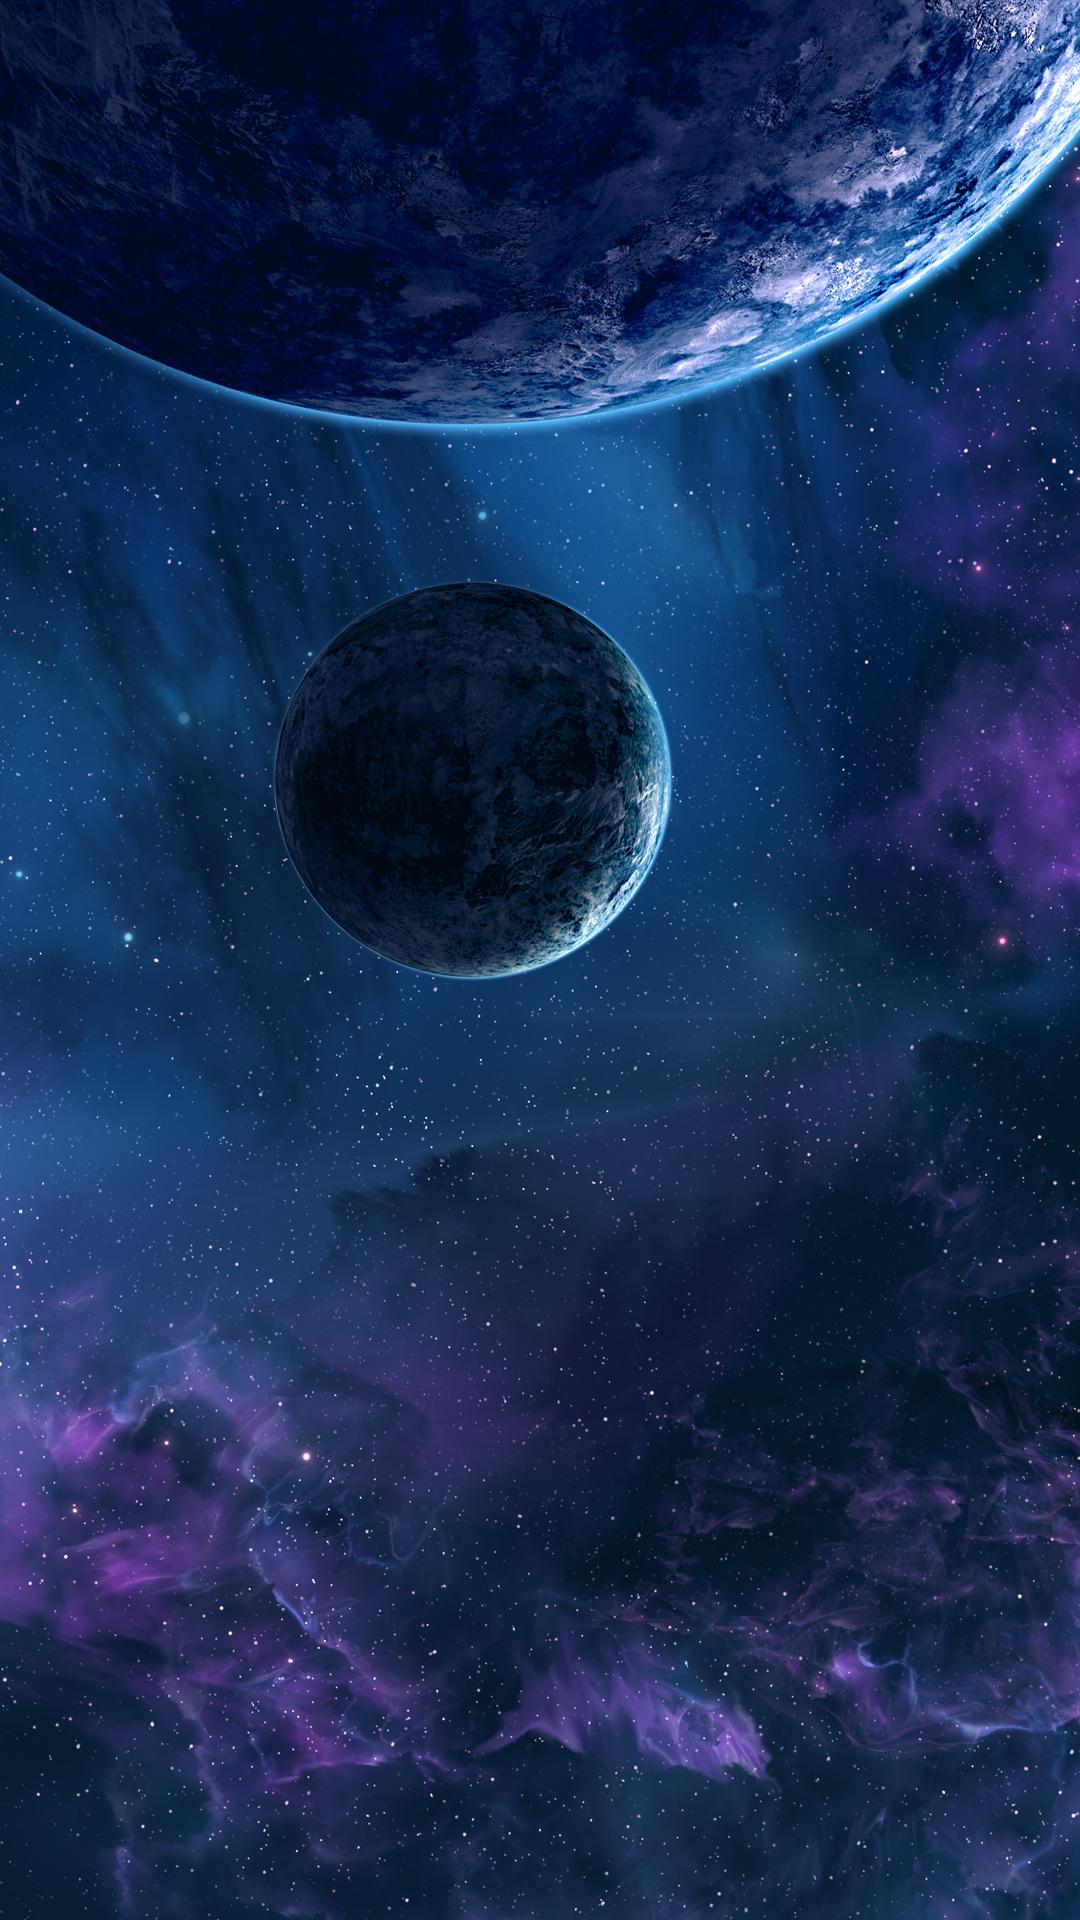 壁紙 1080x19 惑星 空間内の星雲 宇宙空間 ダウンロード 写真